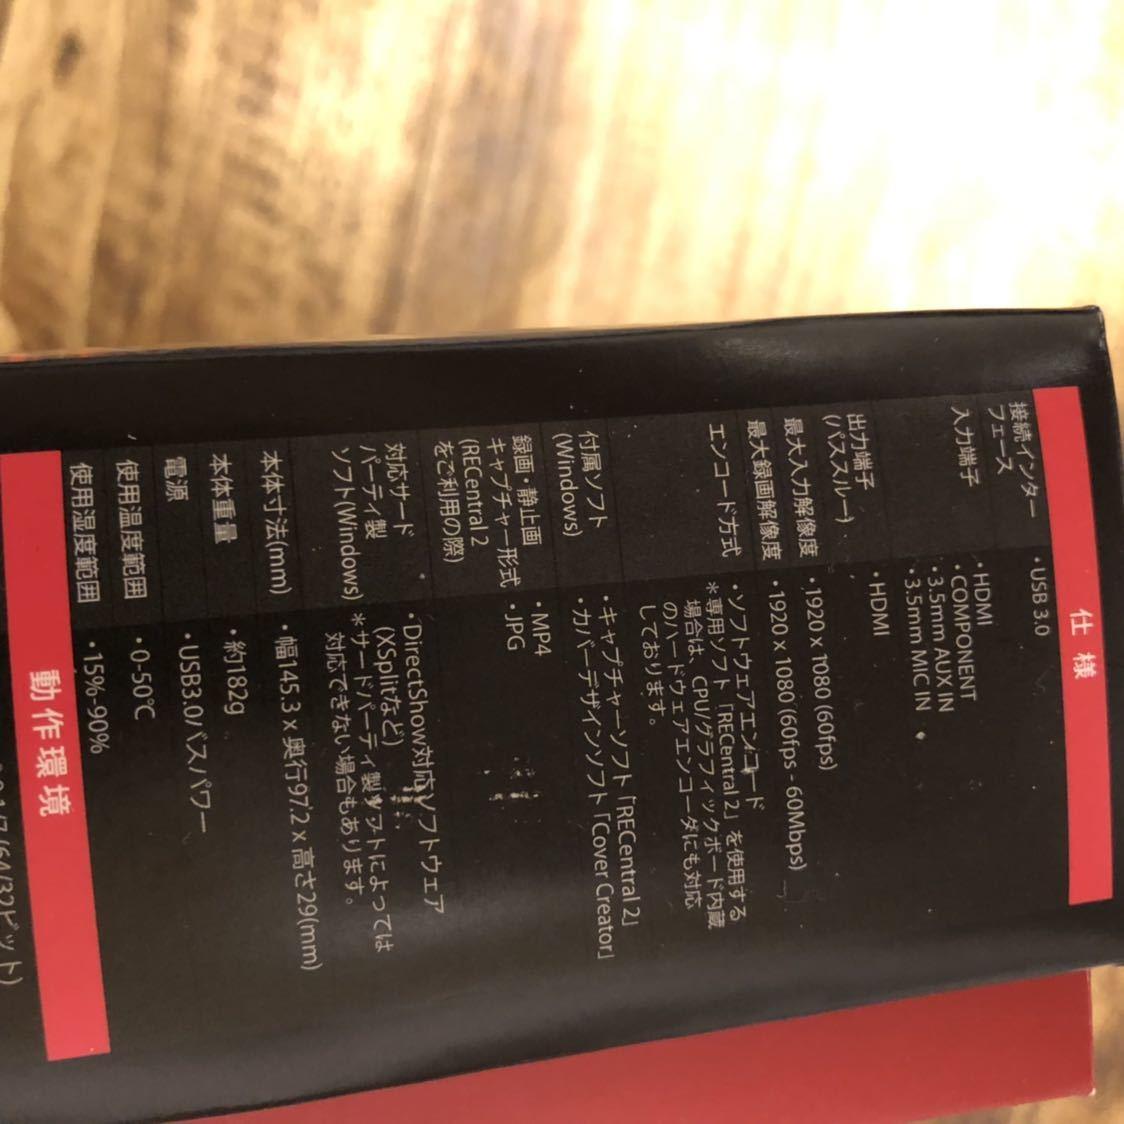 【美品】キャプチャーボード PS4などゲーム録画or実況におススメ gc550 avermedia フルHD 60FPS対応 高速USB3.0_画像7